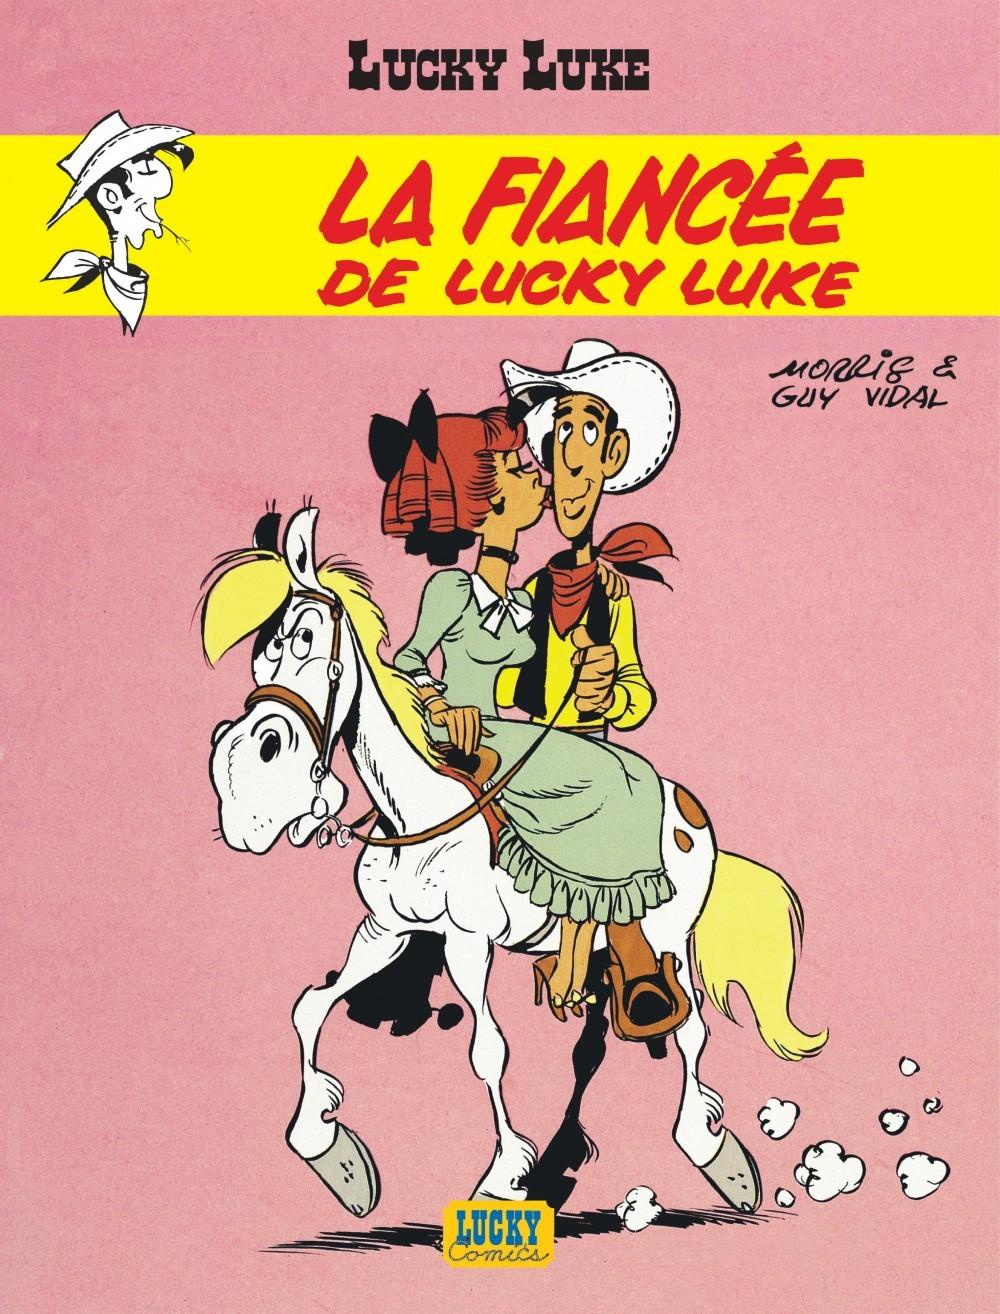 LUCKY LUKE - TOME 24 - FIANCEE DE LUCKY LUKE (LA)